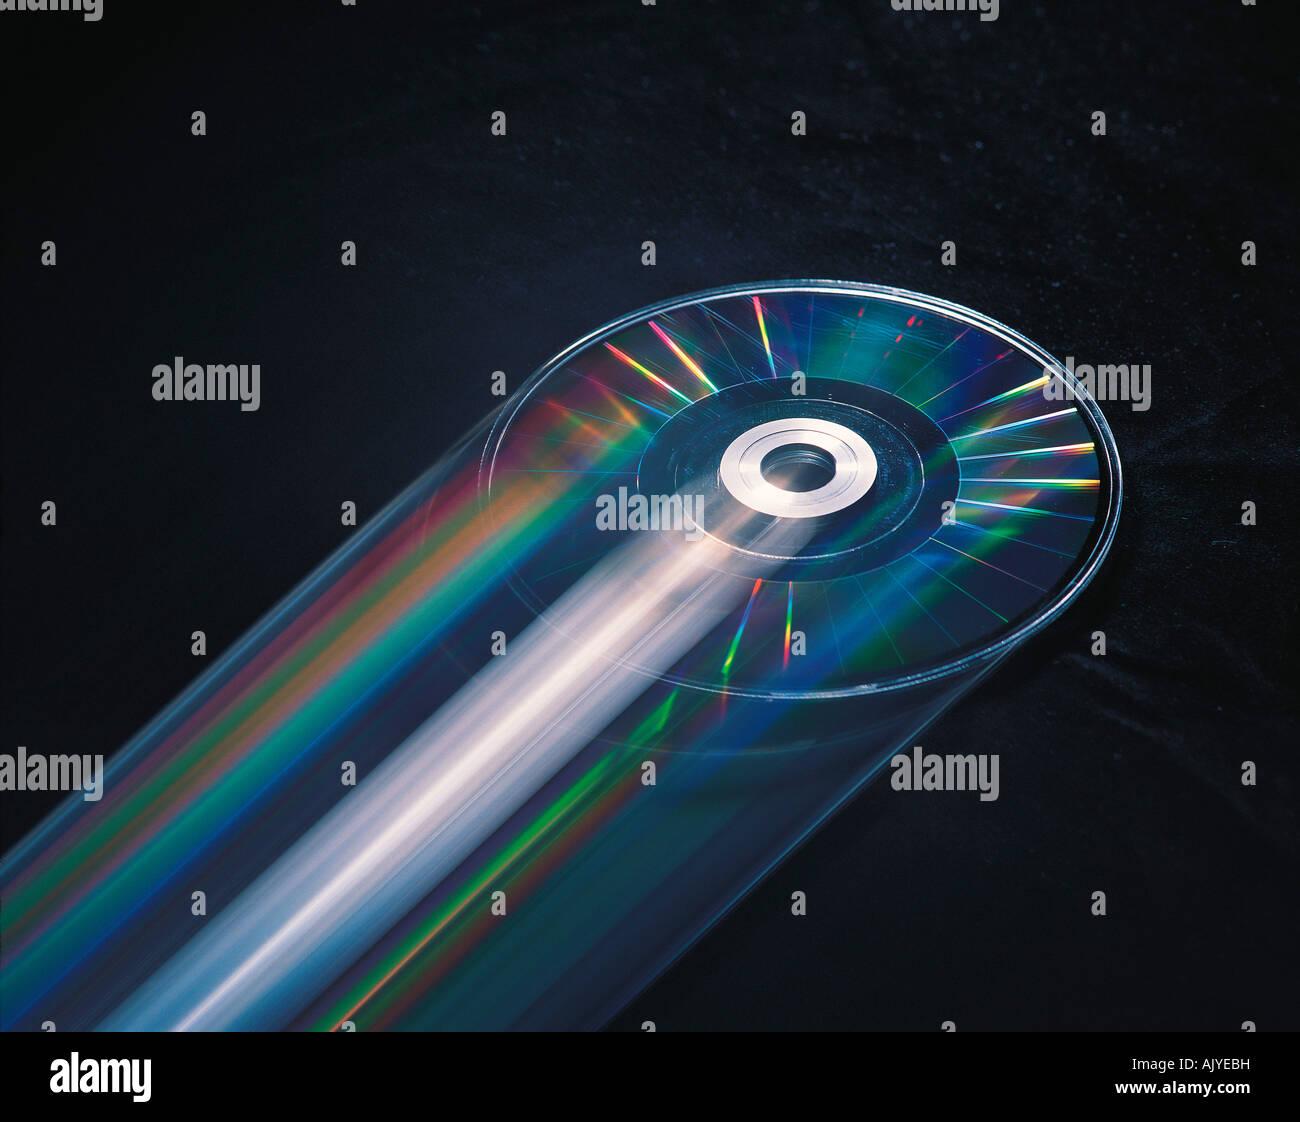 Impressione di movimento immagine del DVD disco per computer multimediali. Foto Stock